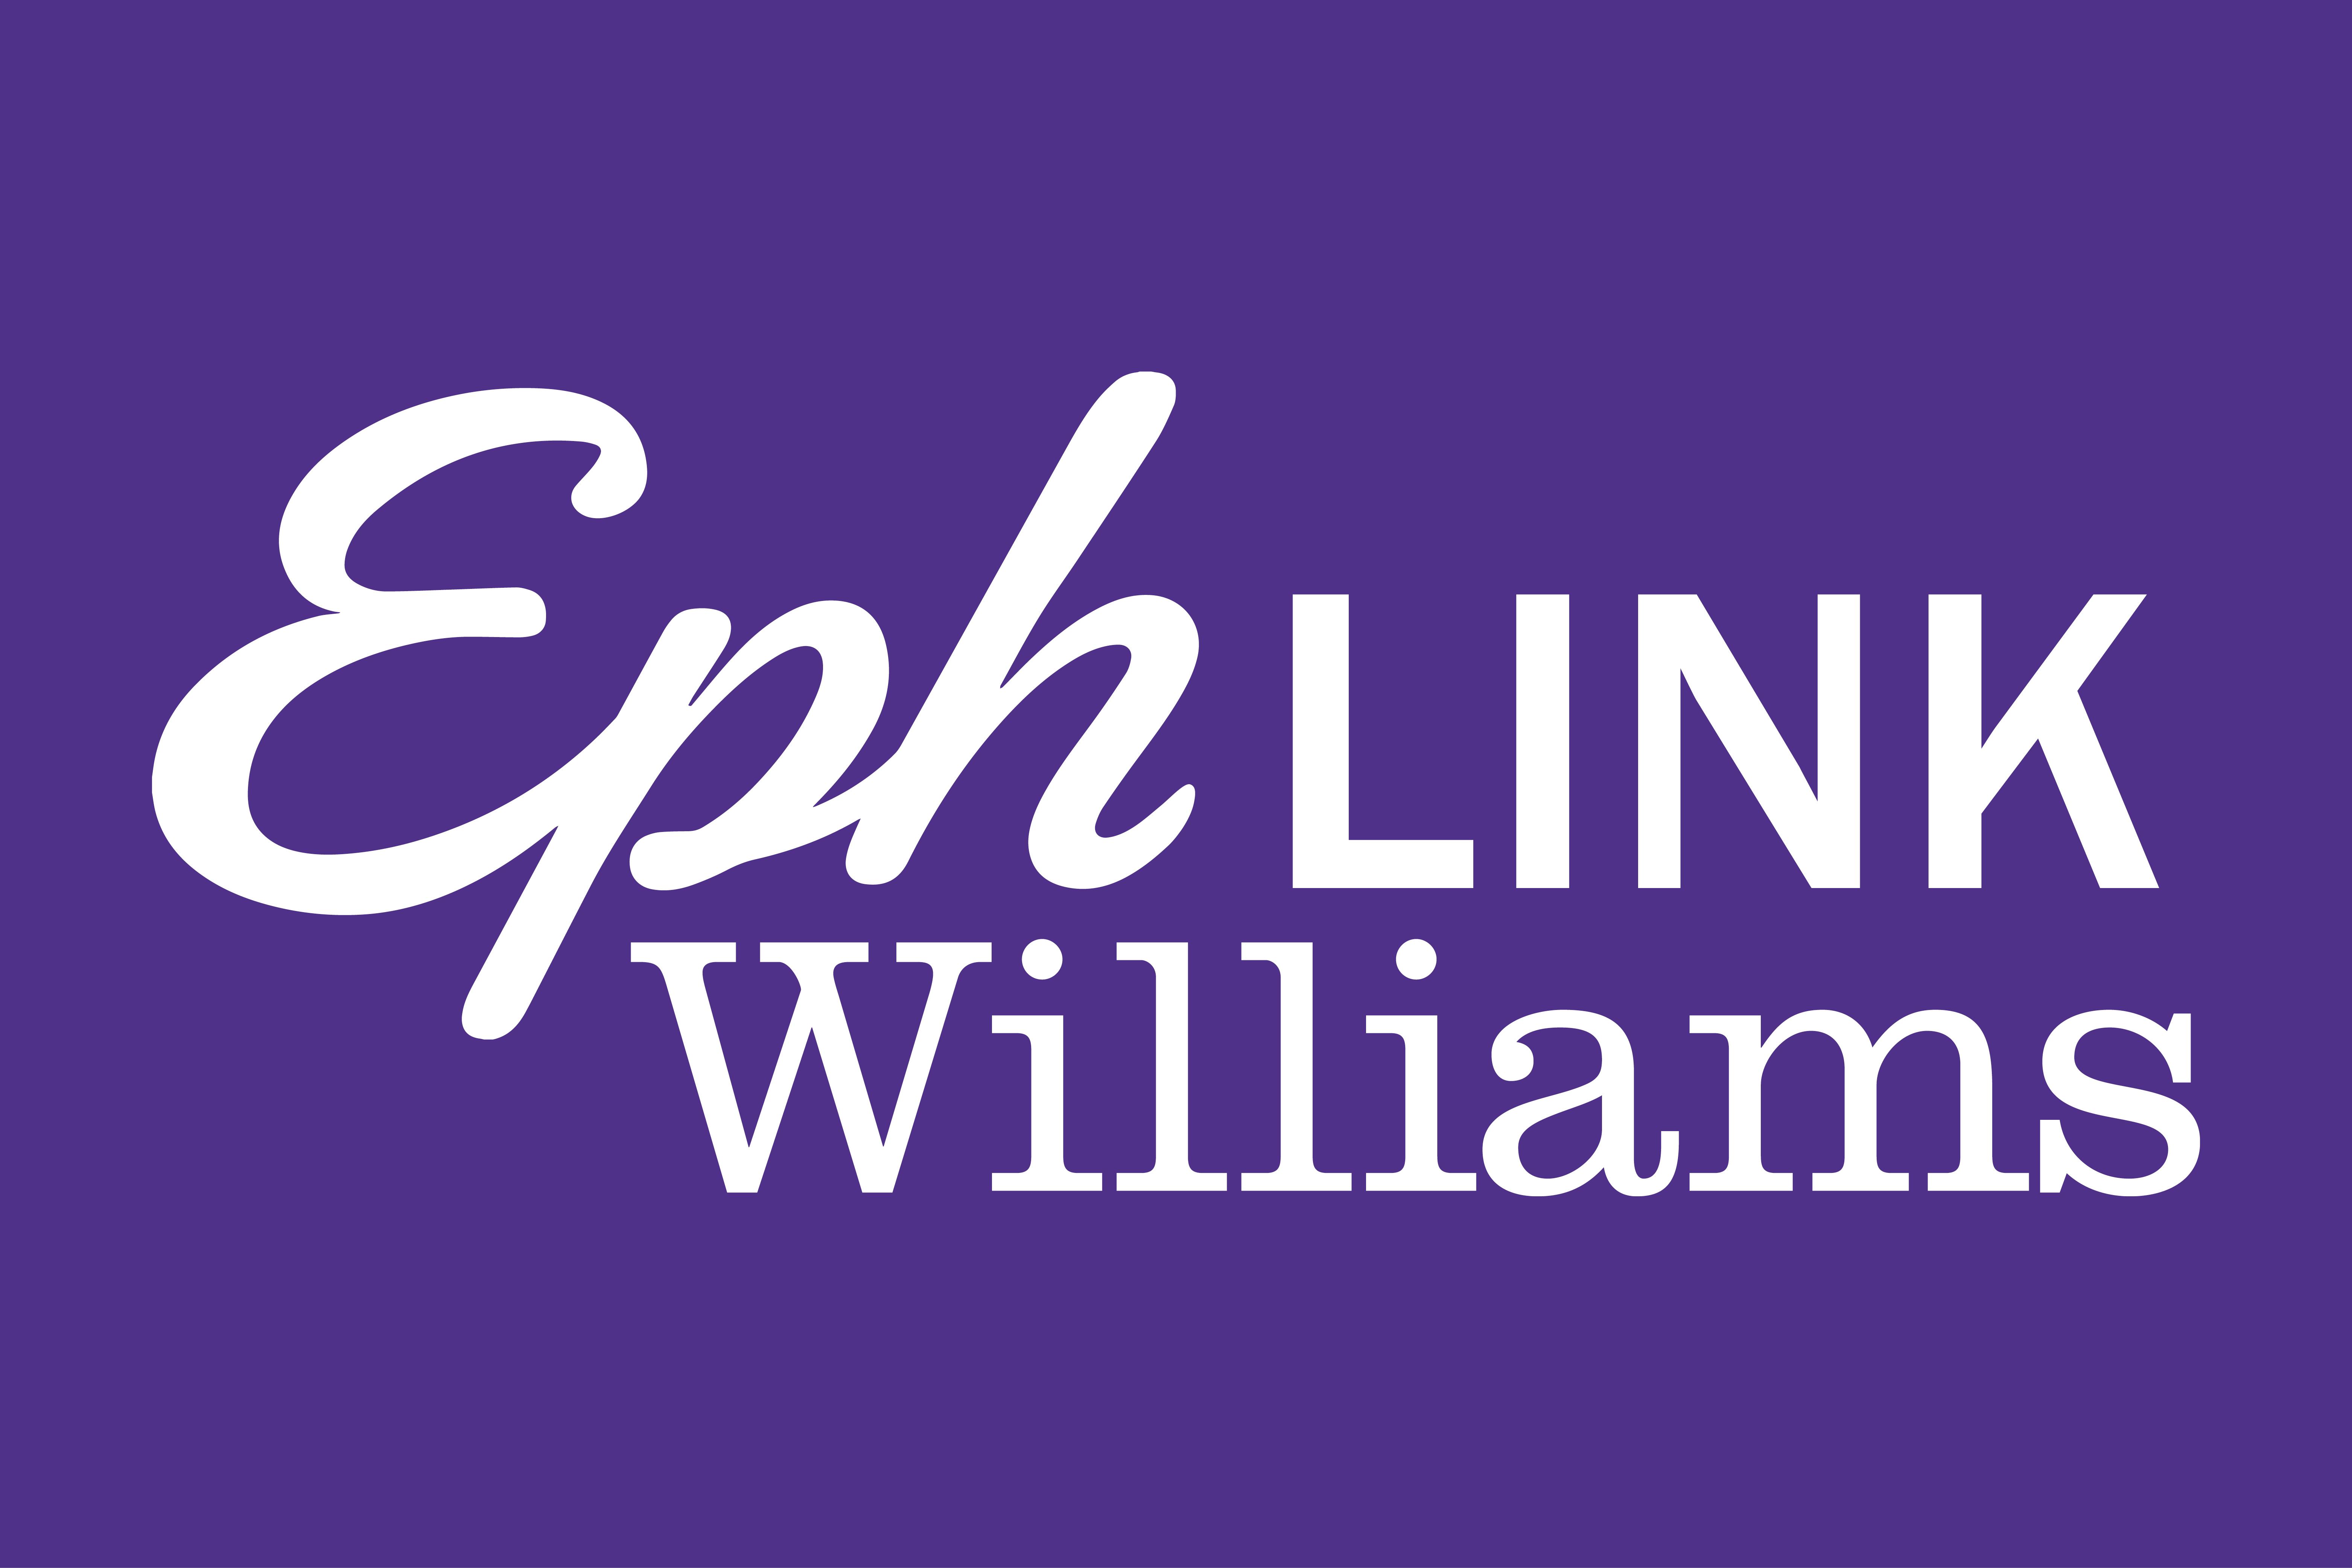 ephlink website